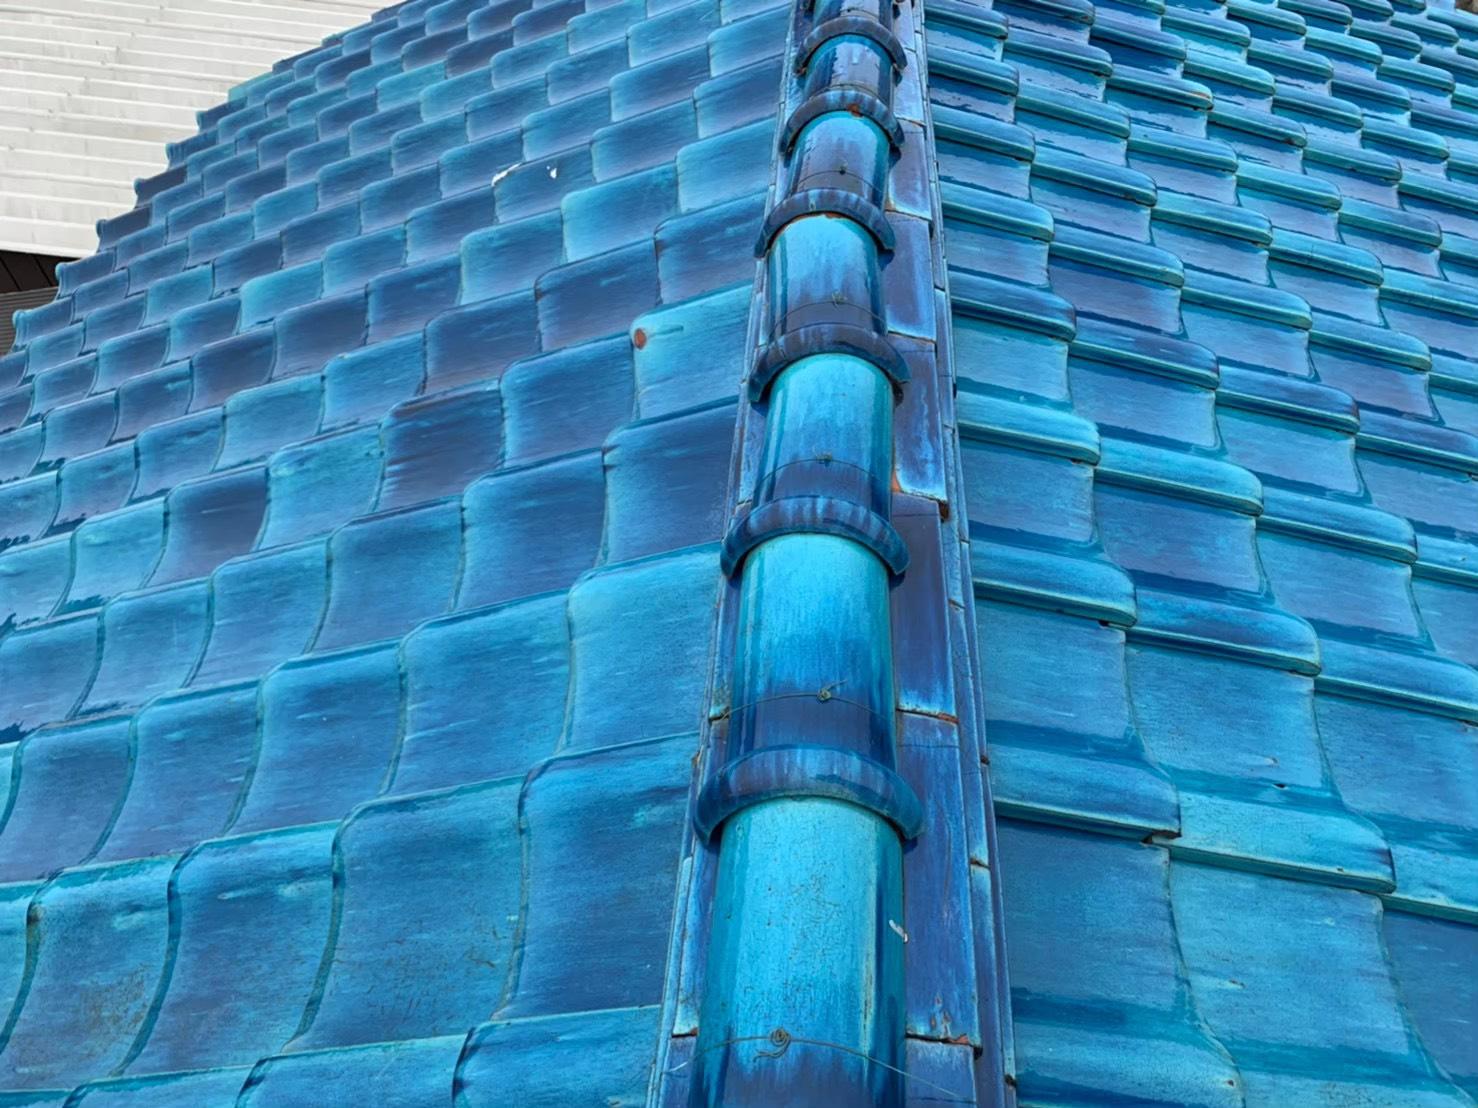 東京都調布市で屋根瓦のズレ、波板の破損と雨樋の歪みで調査です